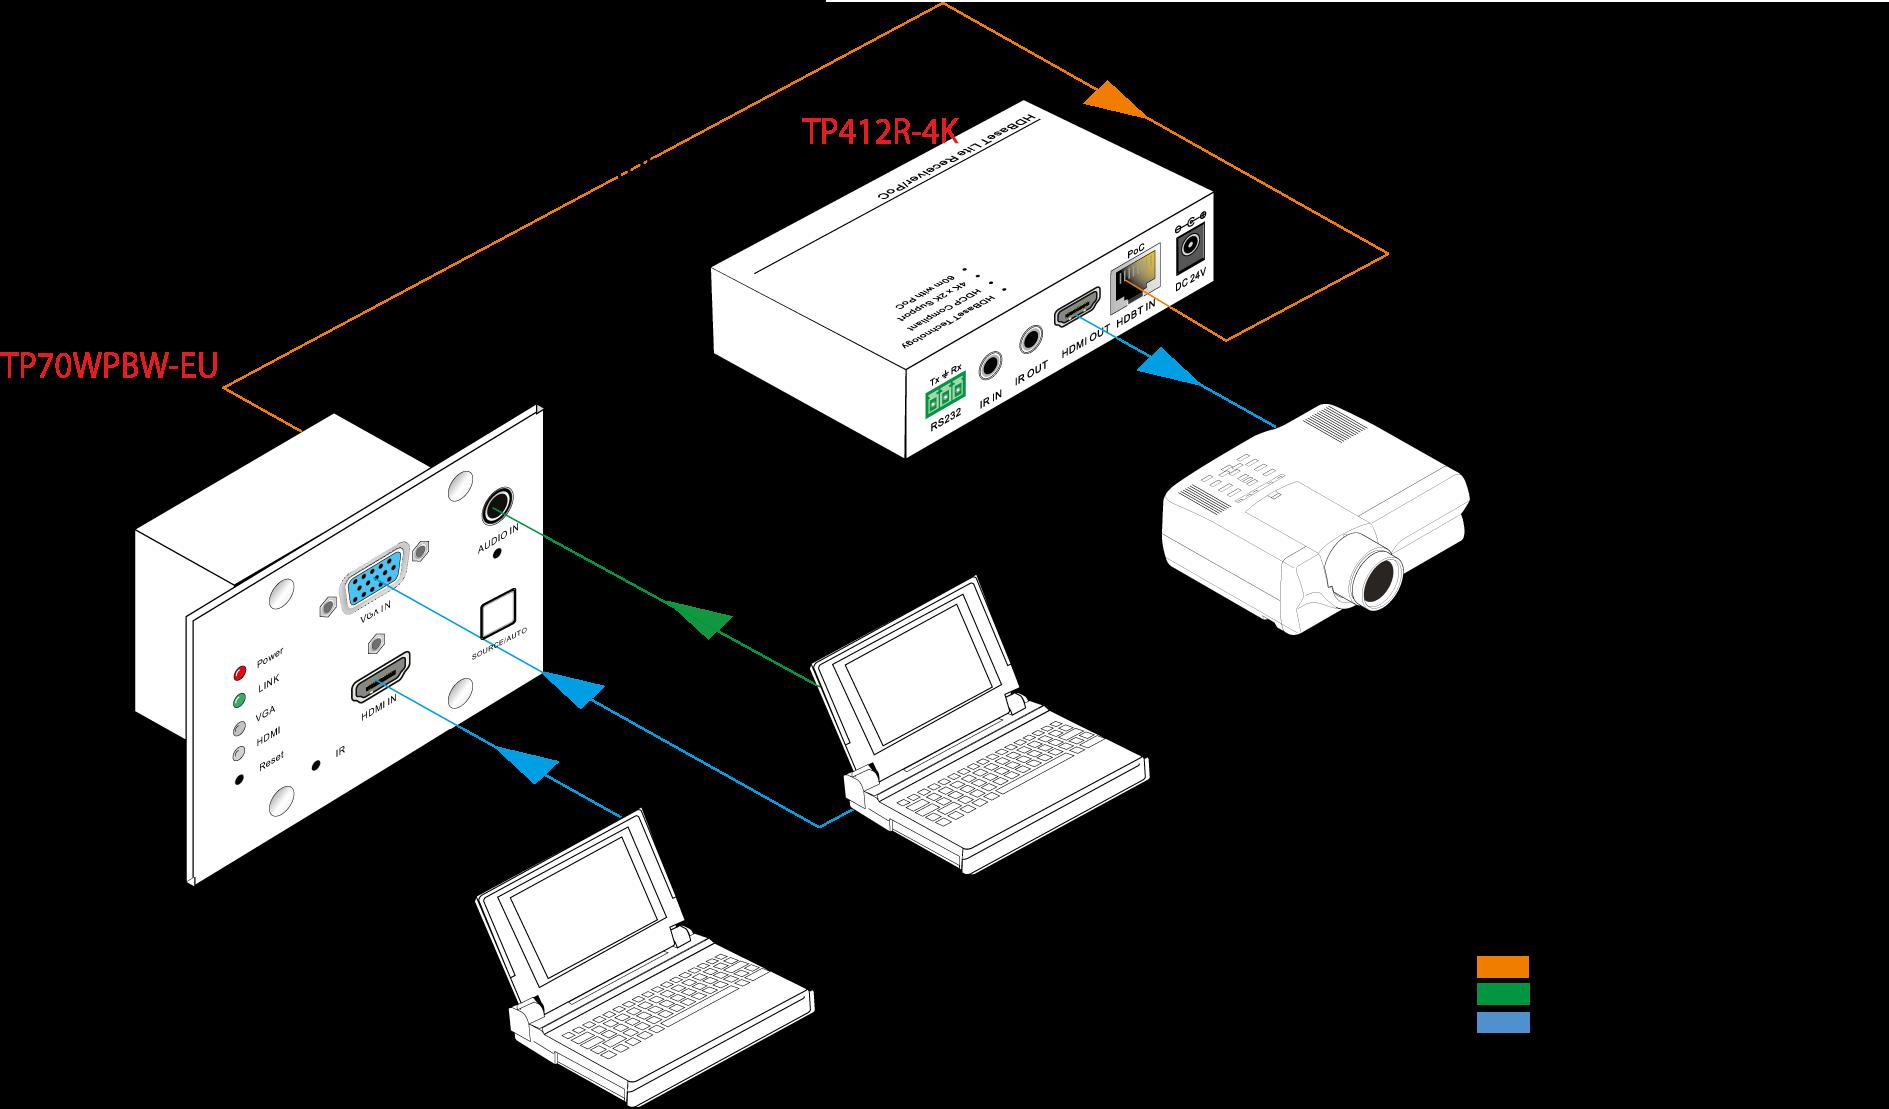 TP70WPBW-EU